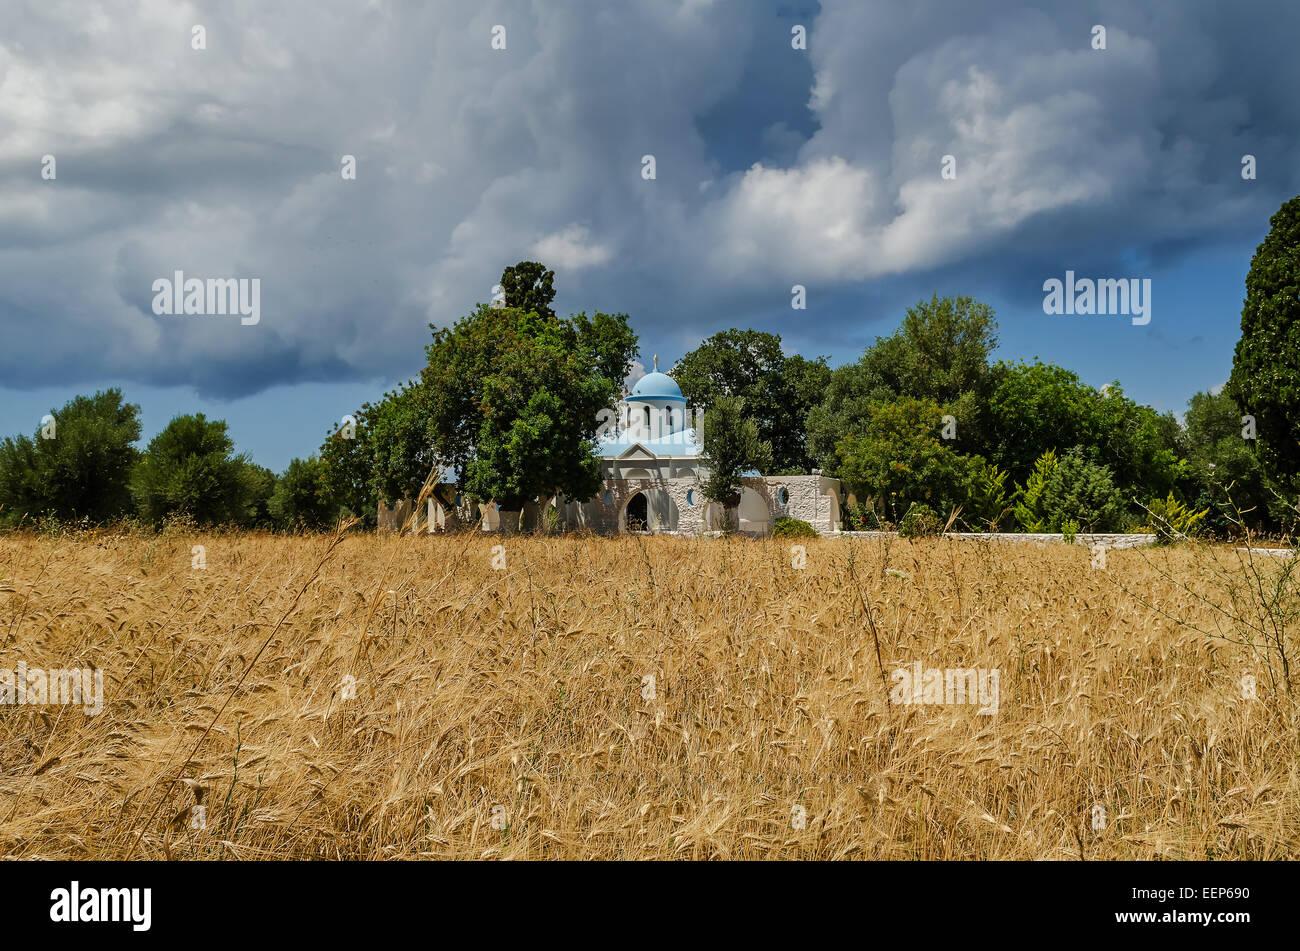 Panagia Syntriani church in kos island Greece - Stock Image